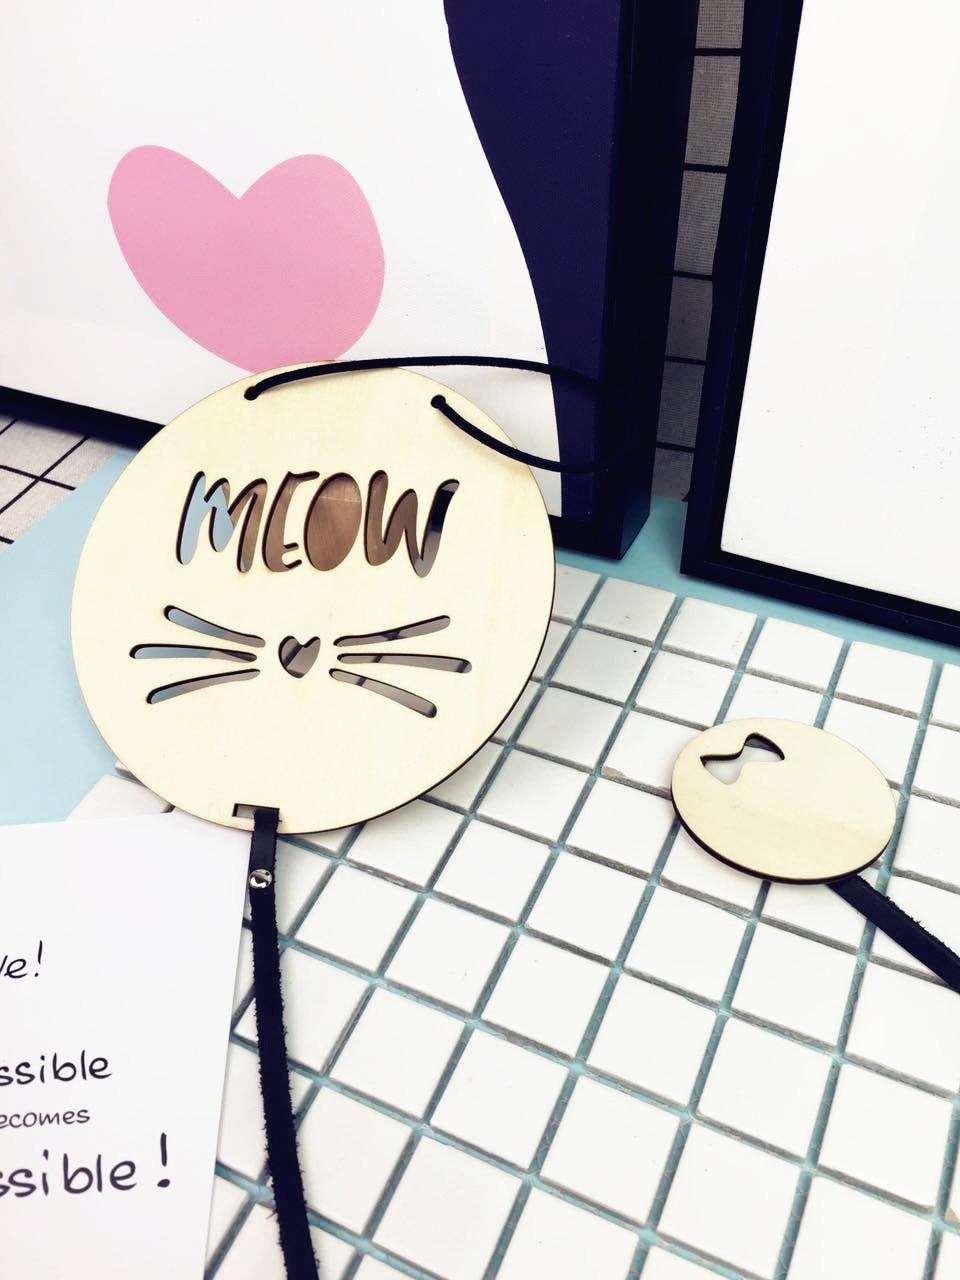 Taxta Meow Pişik Şəkil Çərçivəli Kolaj Hemciyi İp / Klip Kart - Ev dekoru - Fotoqrafiya 4